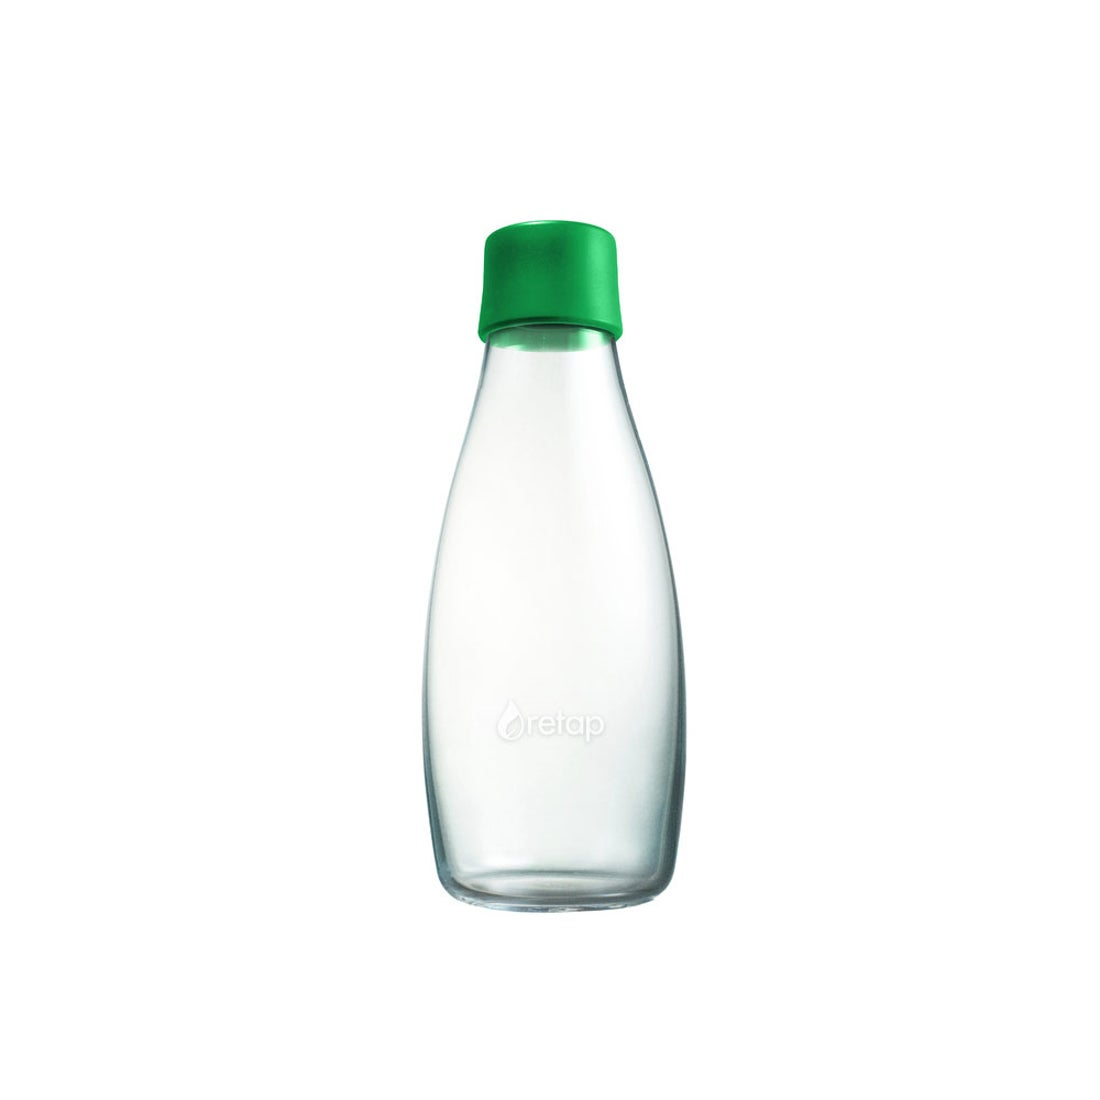 ノーブランド No Brand retapbottle05 リタップボトル 500ml (グリーン)